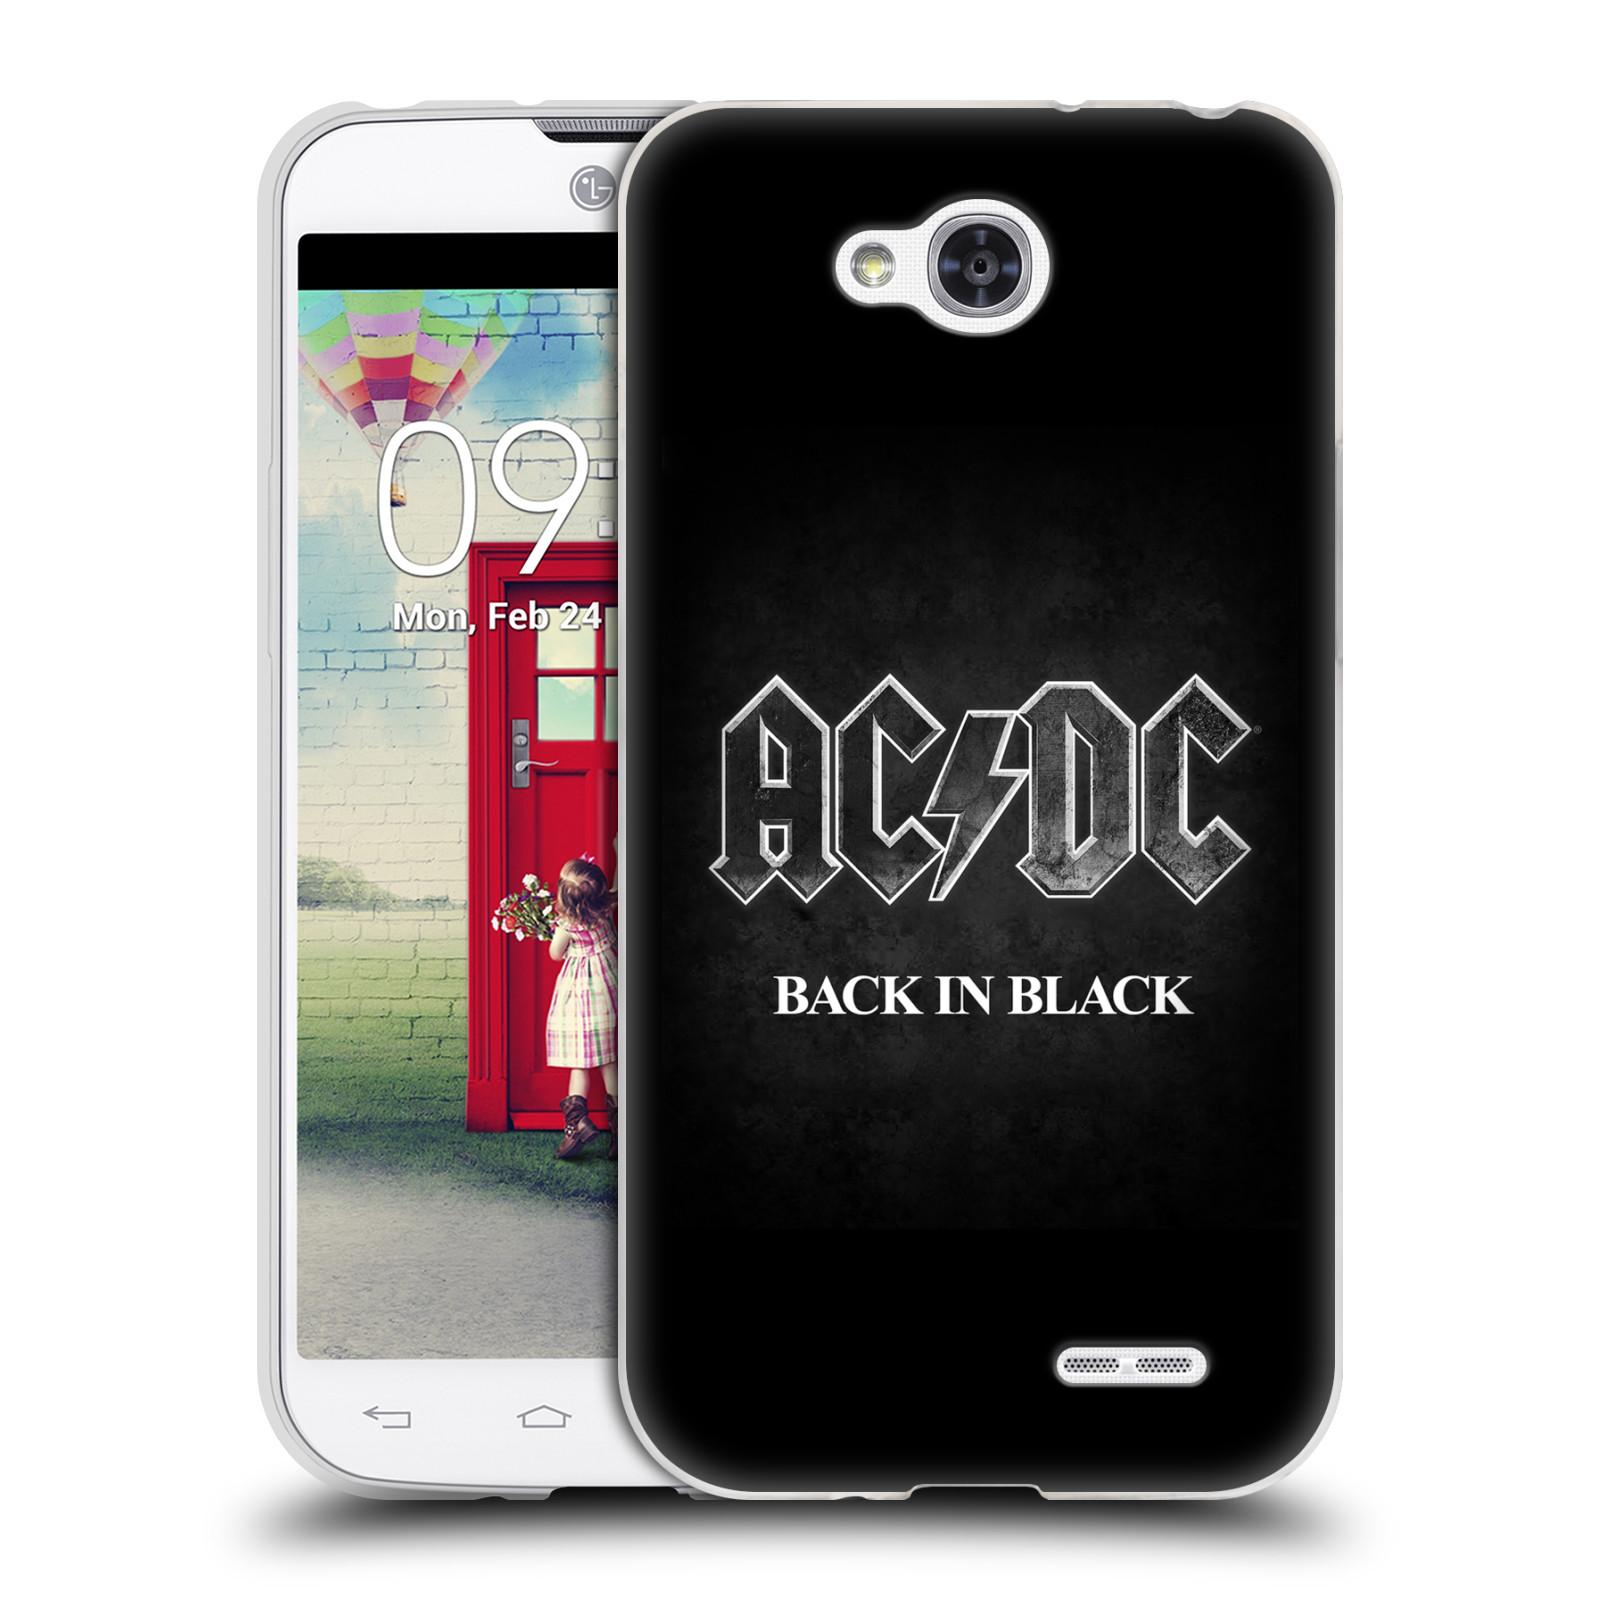 Silikonové pouzdro na mobil LG L90 HEAD CASE AC/DC BACK IN BLACK (Silikonový kryt či obal na mobilní telefon s oficiálním motivem australské skupiny AC/DC pro LG L90 D405n)